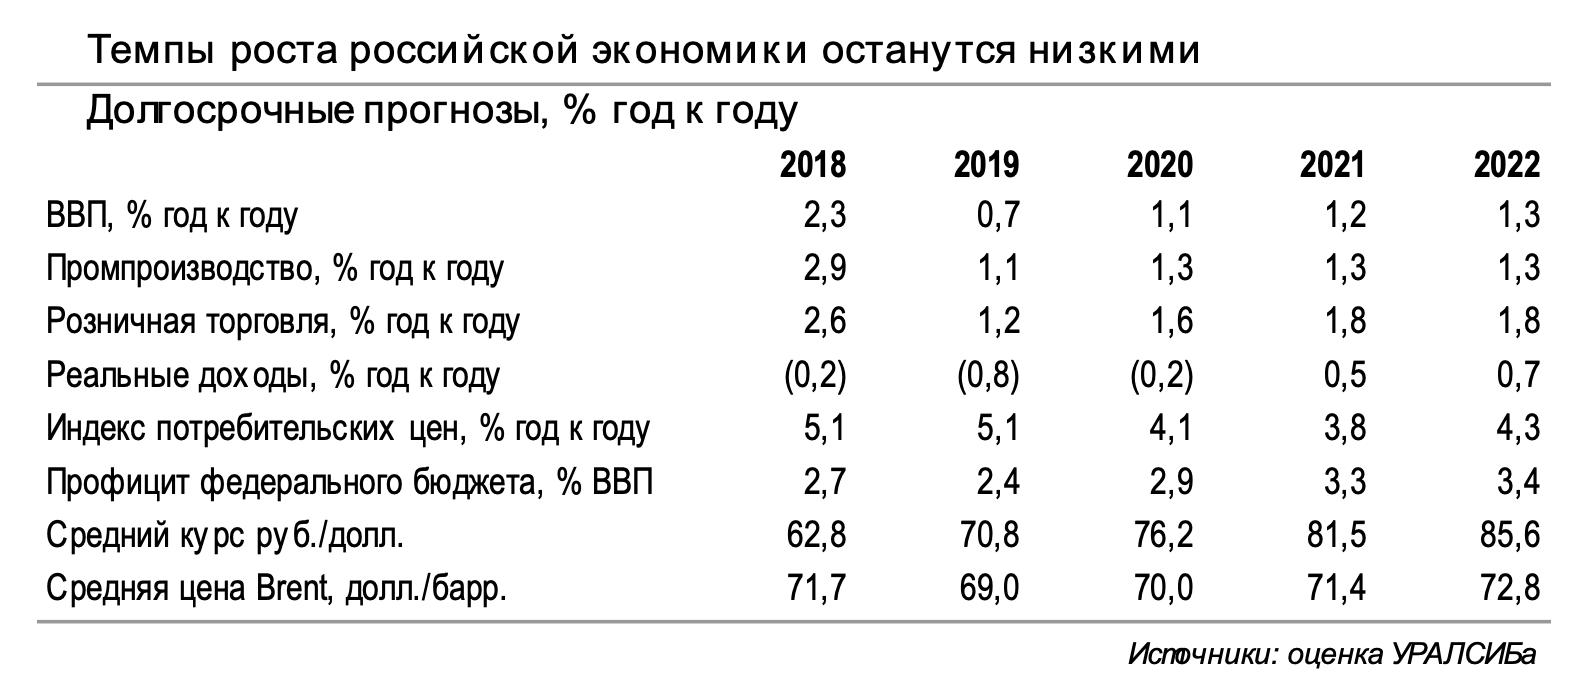 05_Темпы роста экономики РФ останутся низкими+